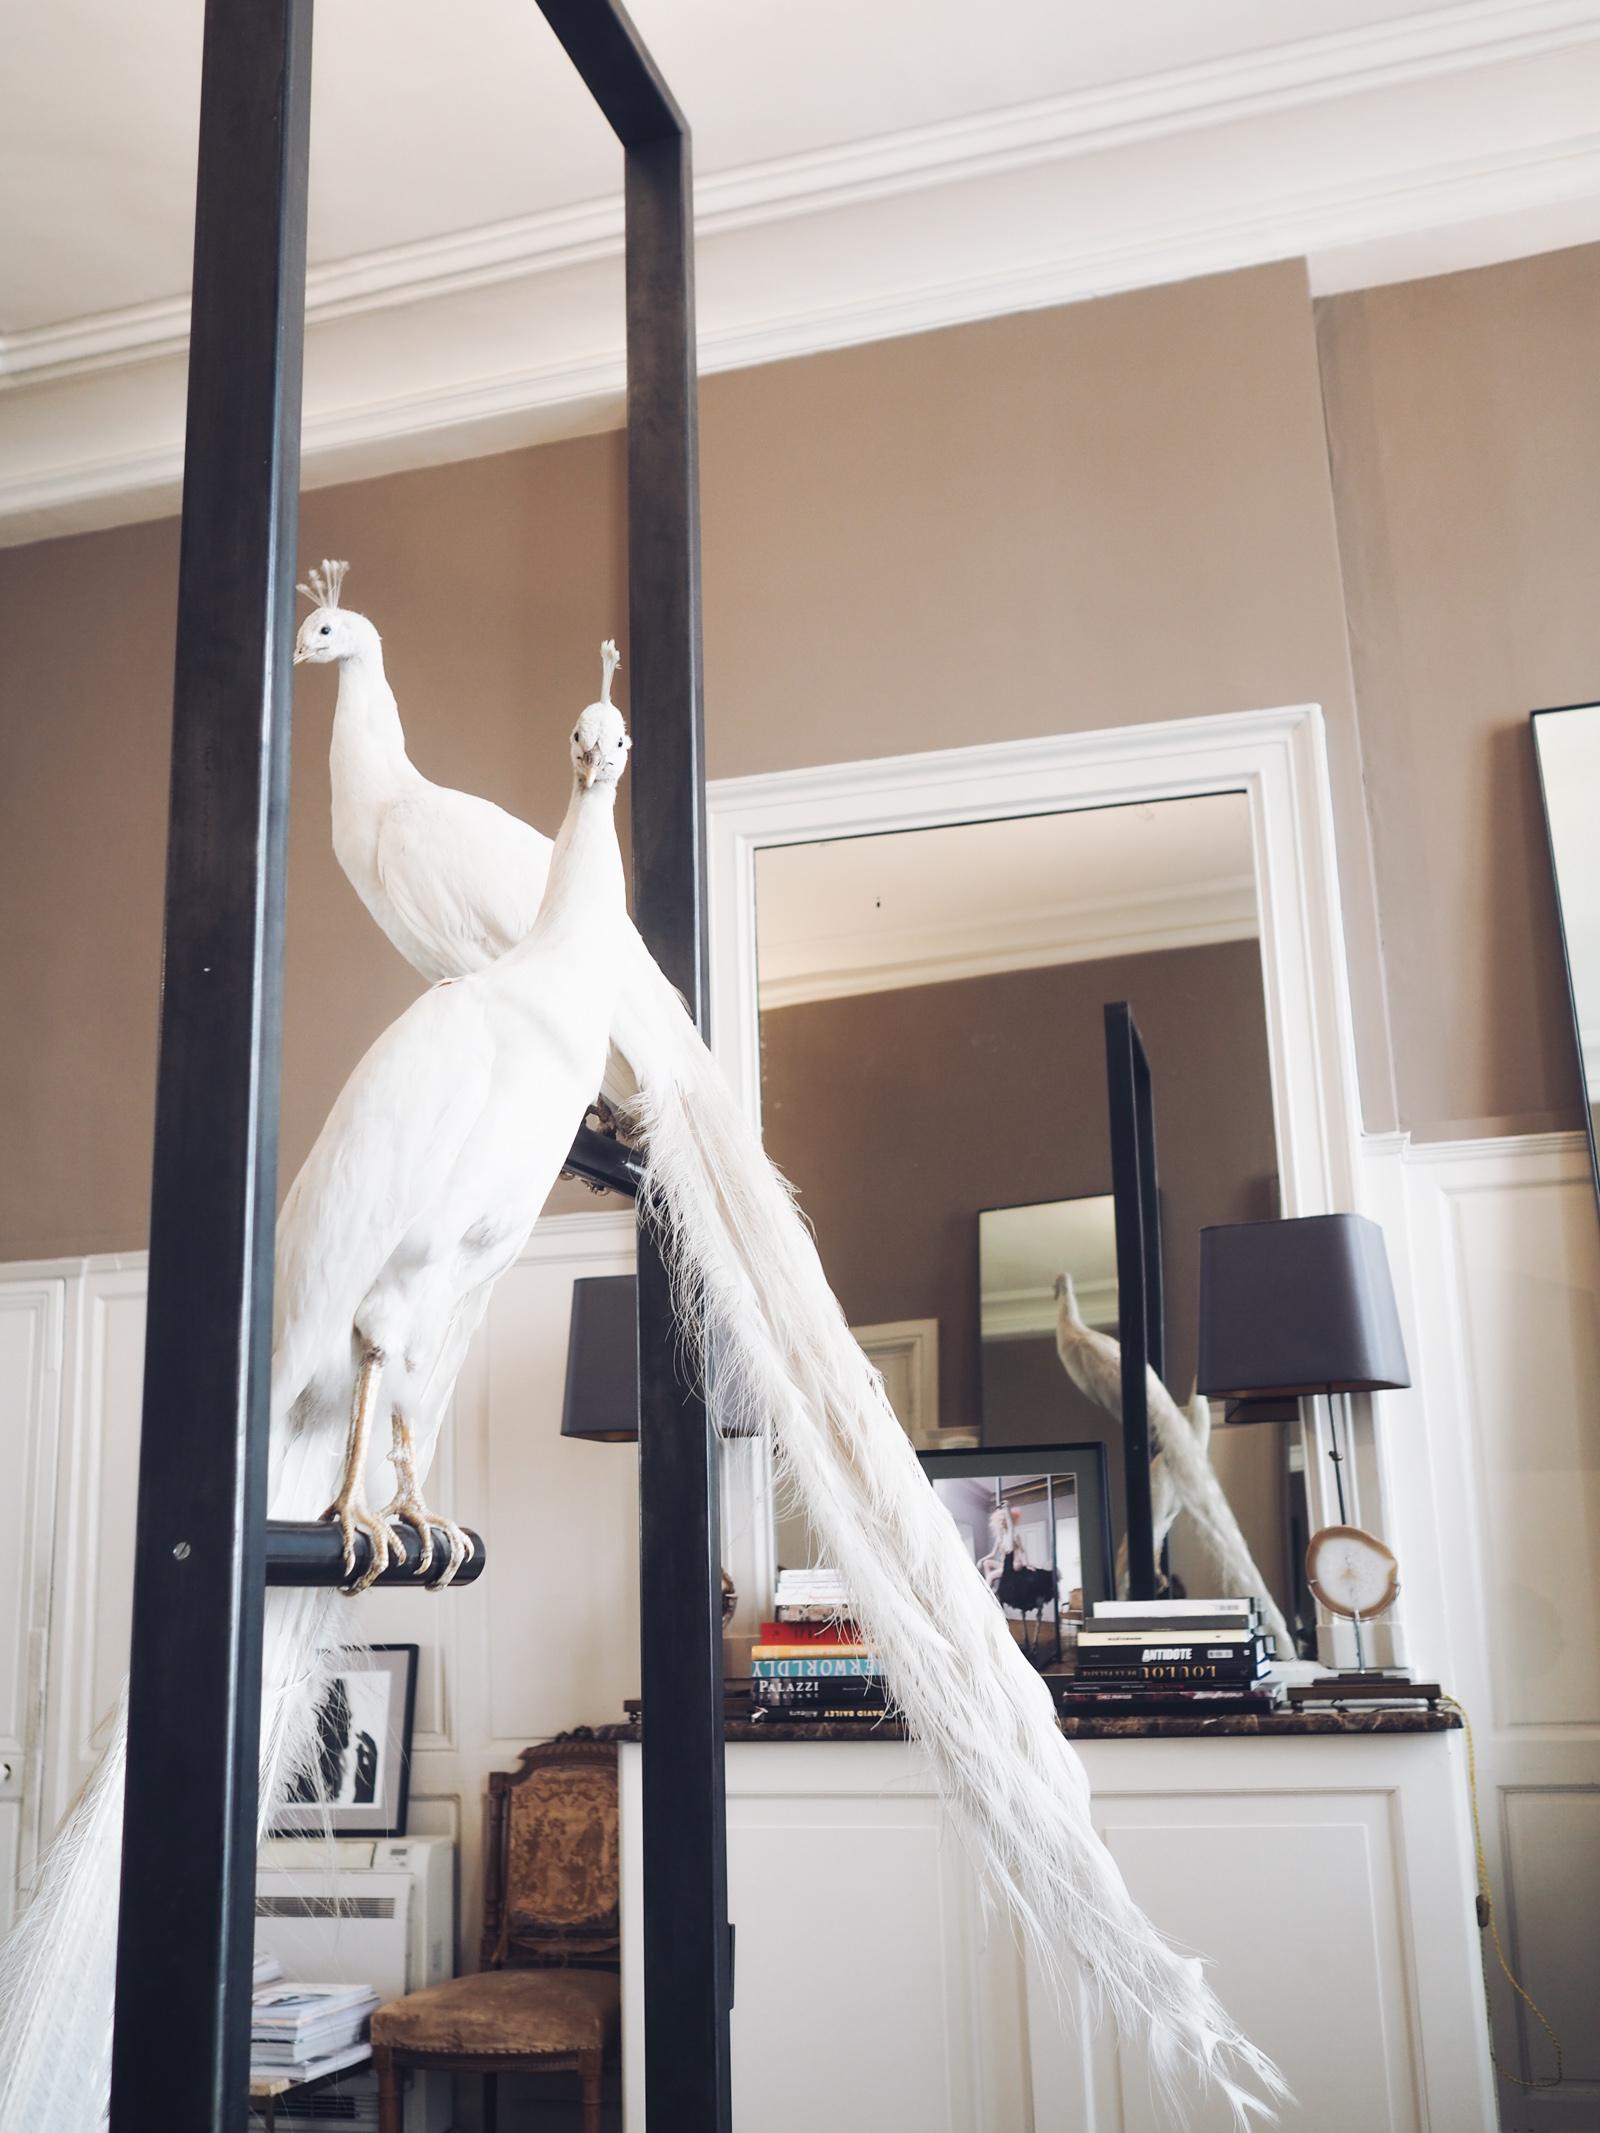 David Mallett coiffeur salon paris avis l La Fiancee du Panda blog mariage-6282727